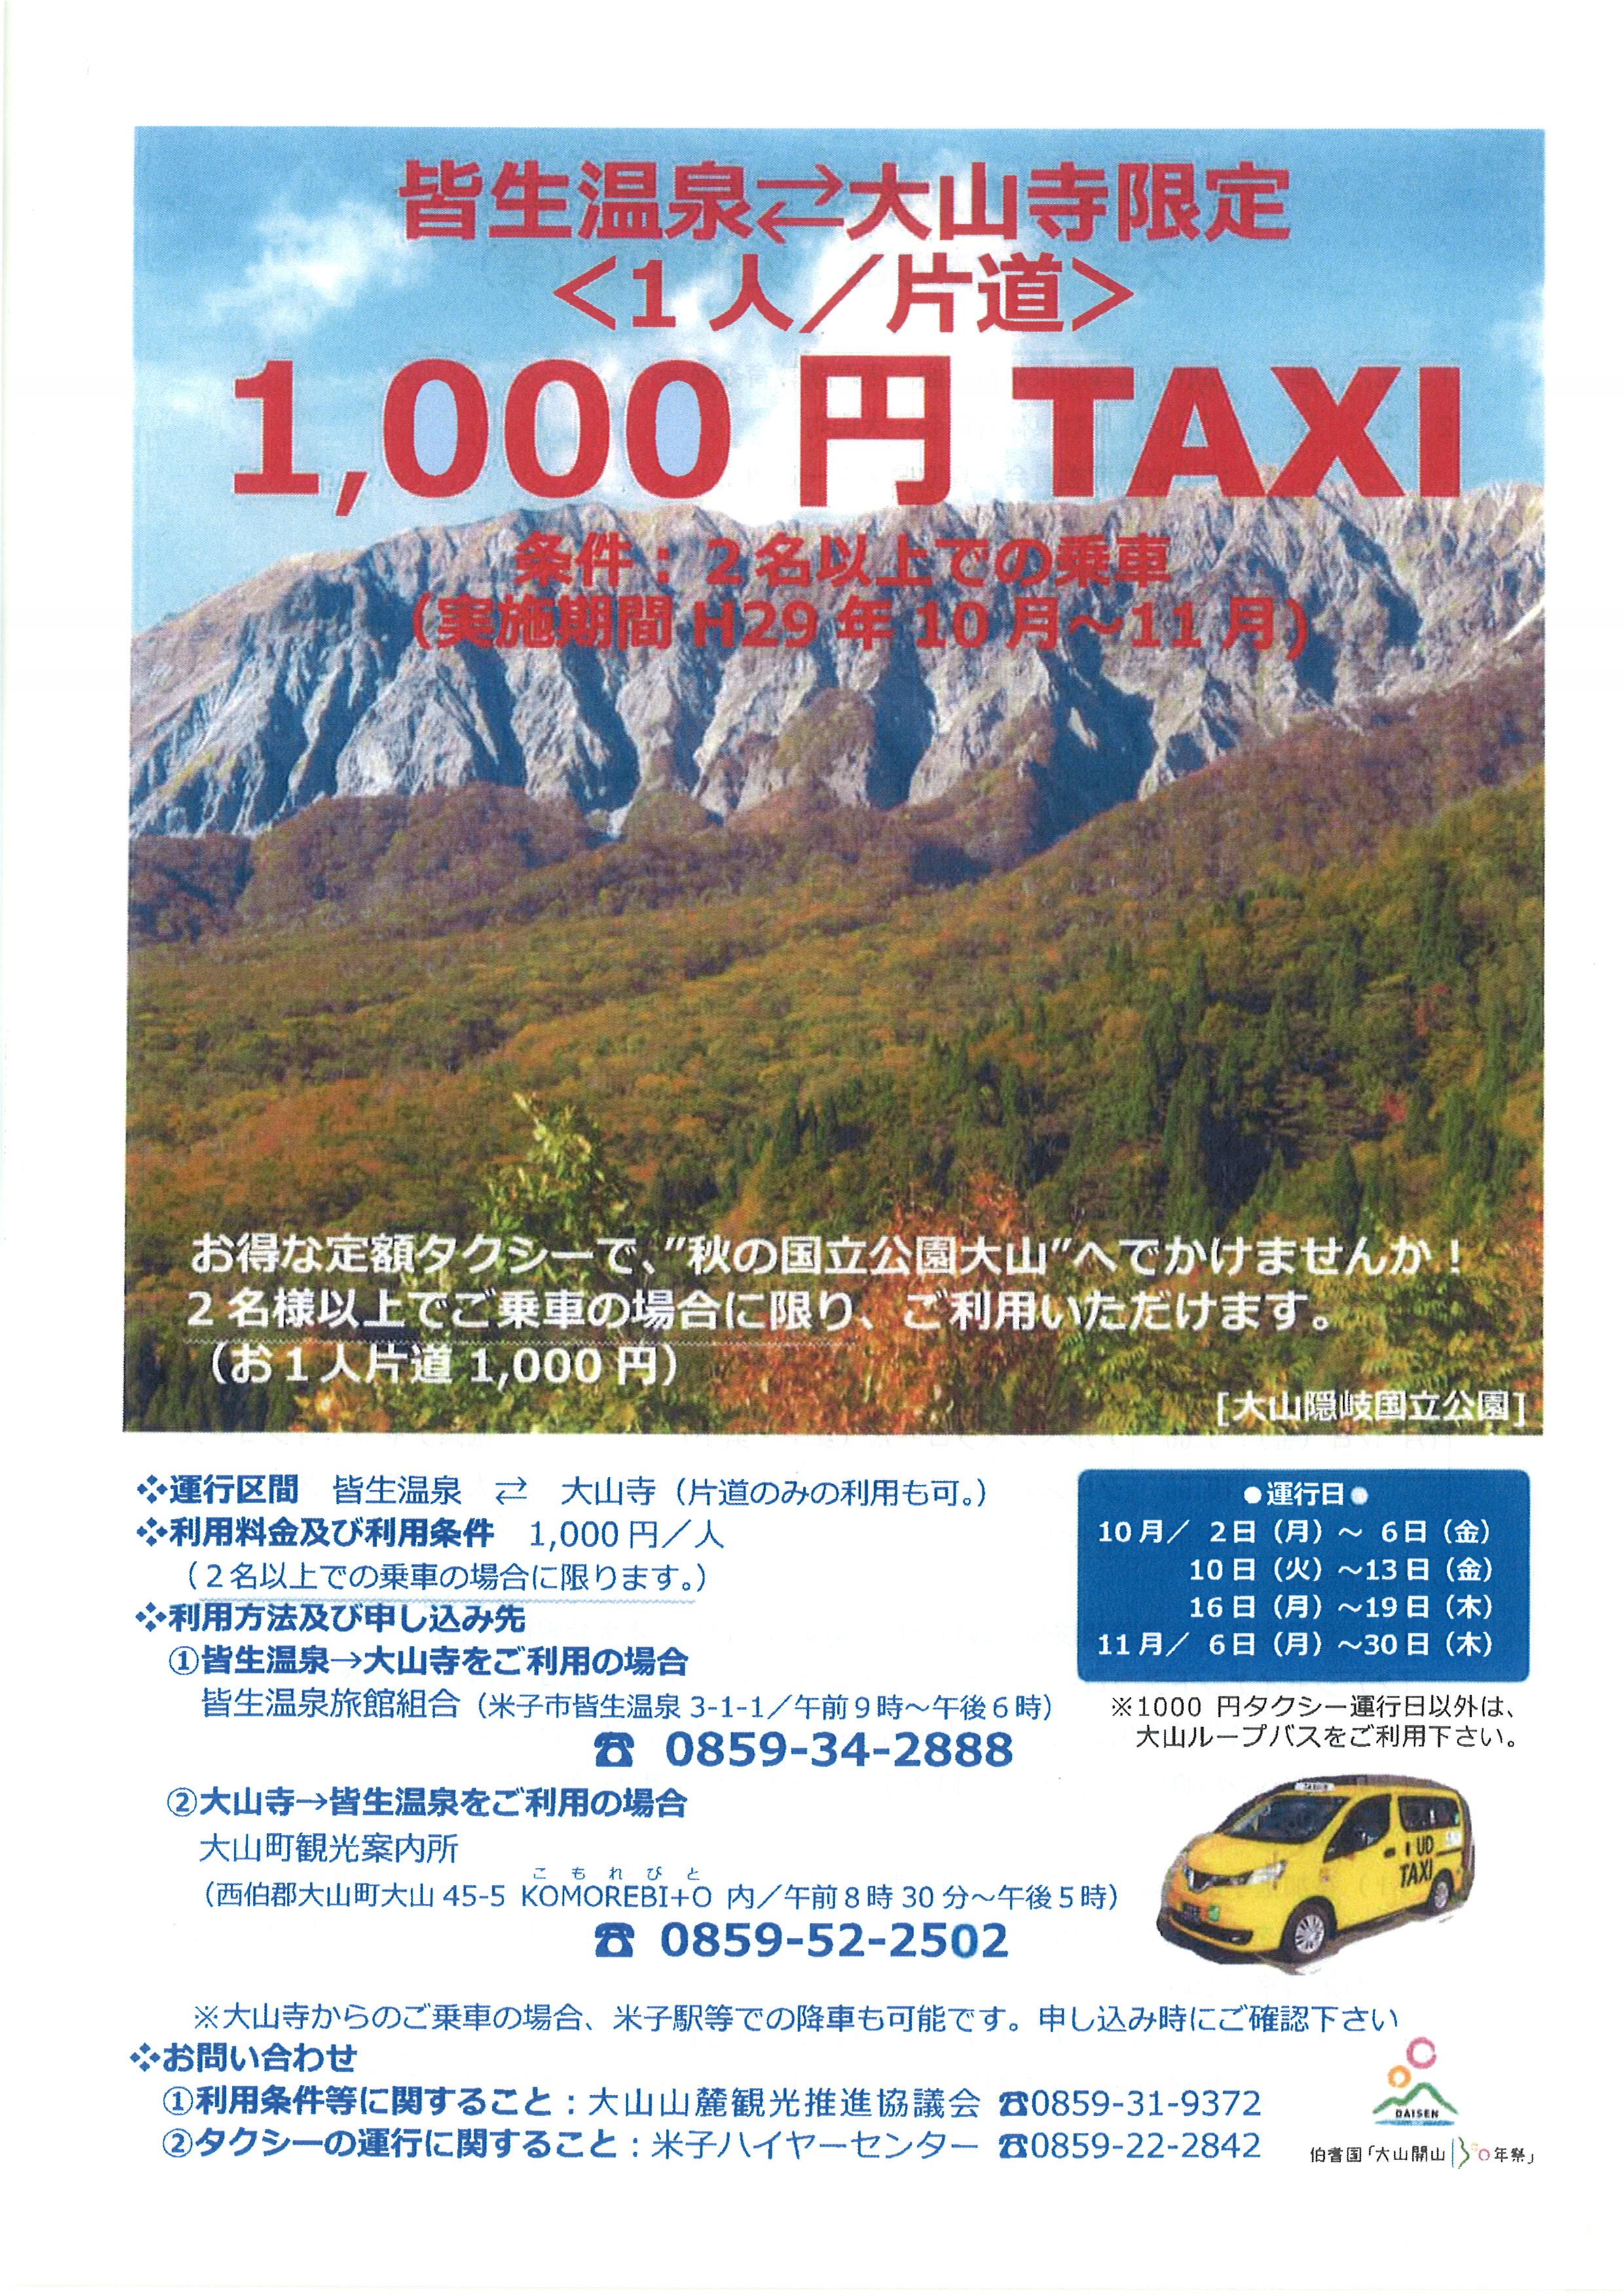 1,000円TAXI